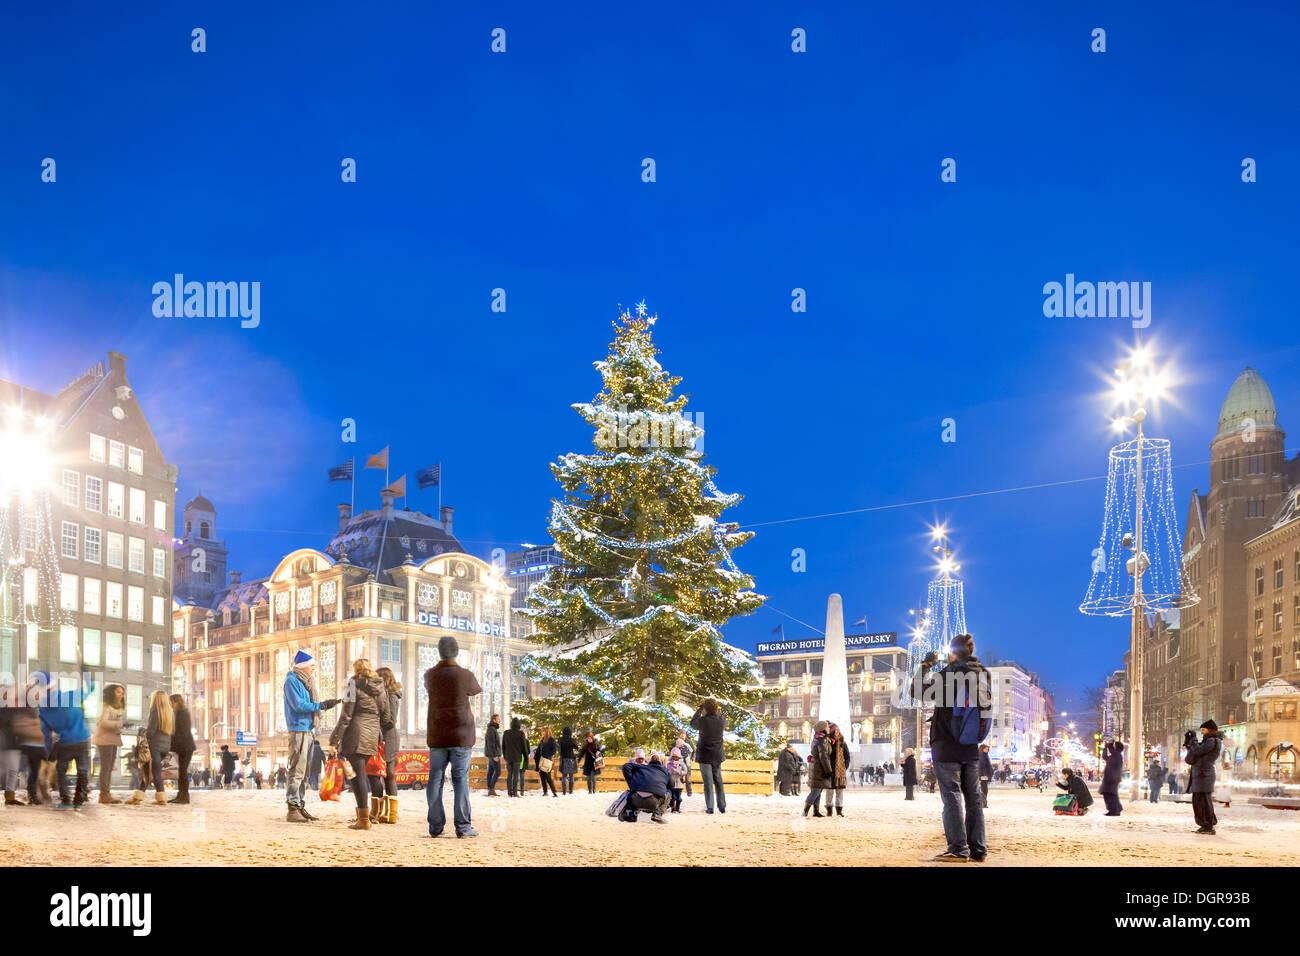 Árbol de Navidad de Amsterdam con nieve, las luces de Navidad en la Plaza Dam con personas, turistas, visitantes, posando y tomar fotografías al atardecer Imagen De Stock